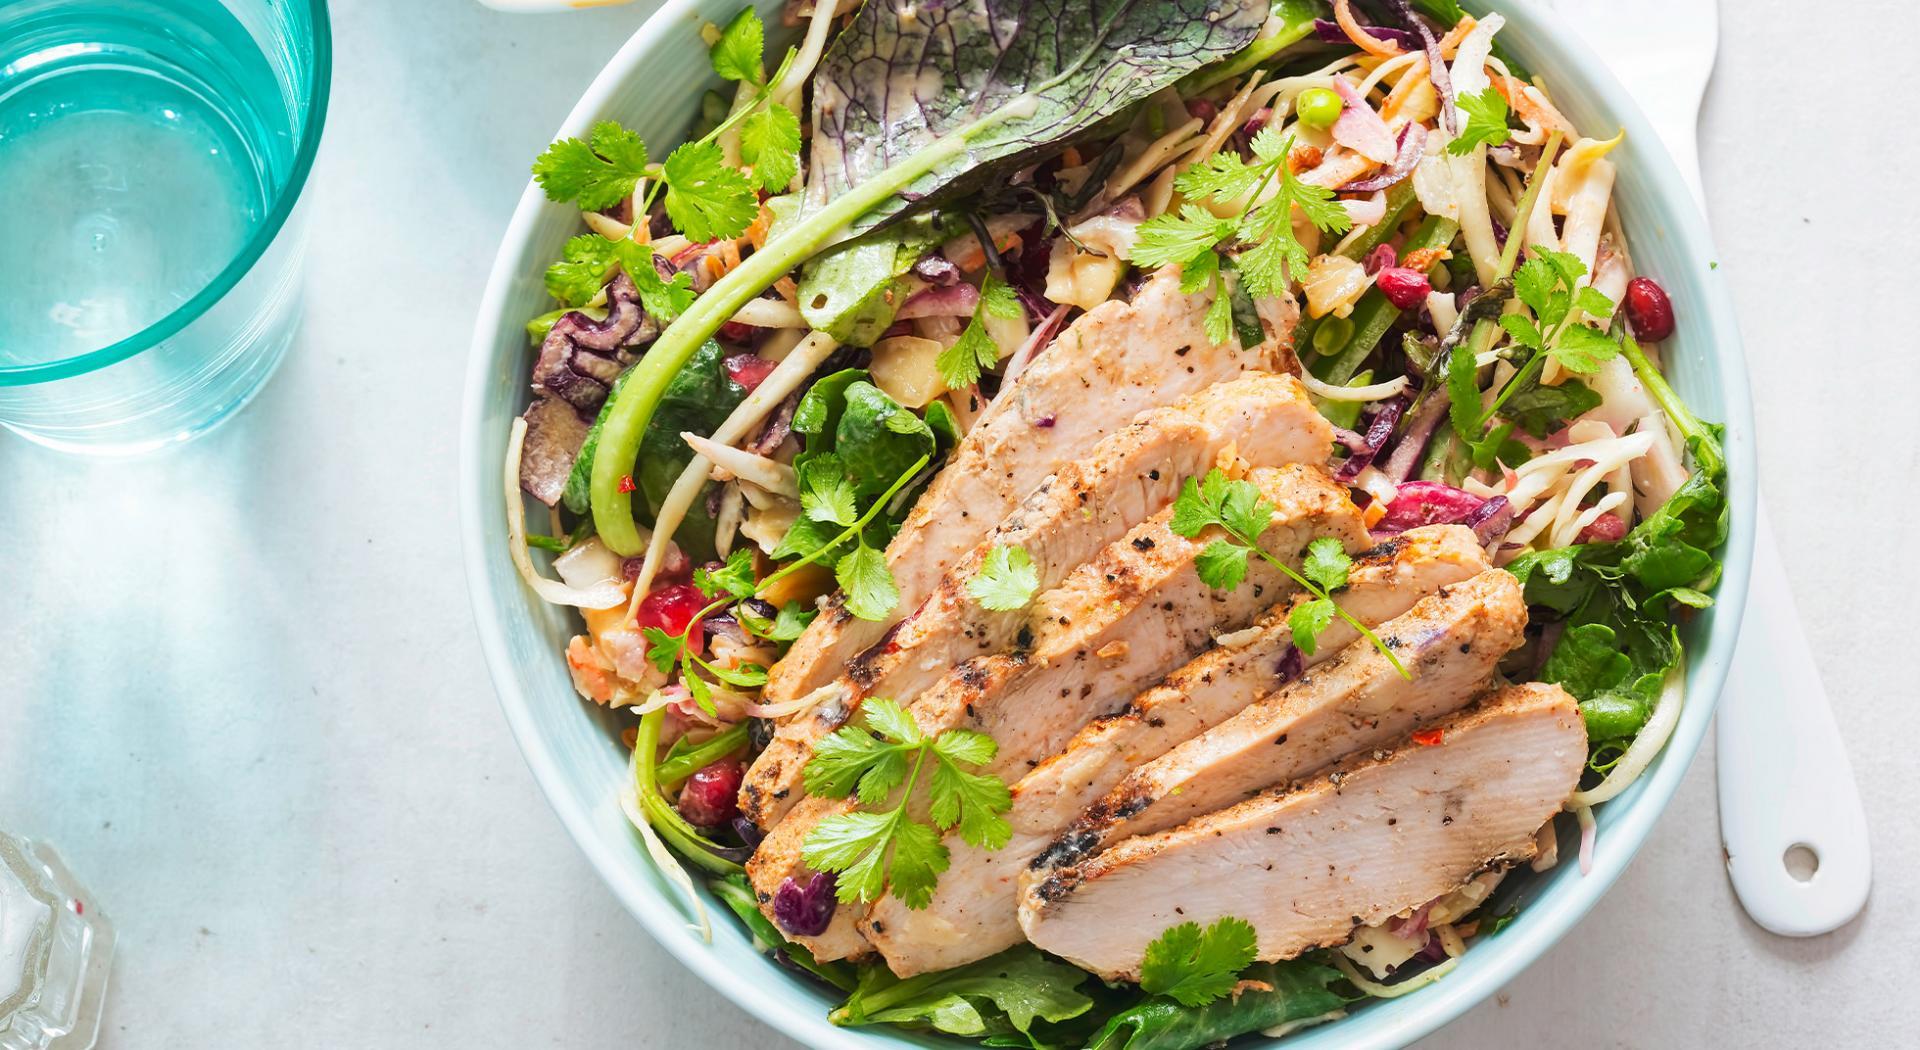 Cosa Fare A Pranzo tacchino: 10 ricette leggere e gustose | aia food